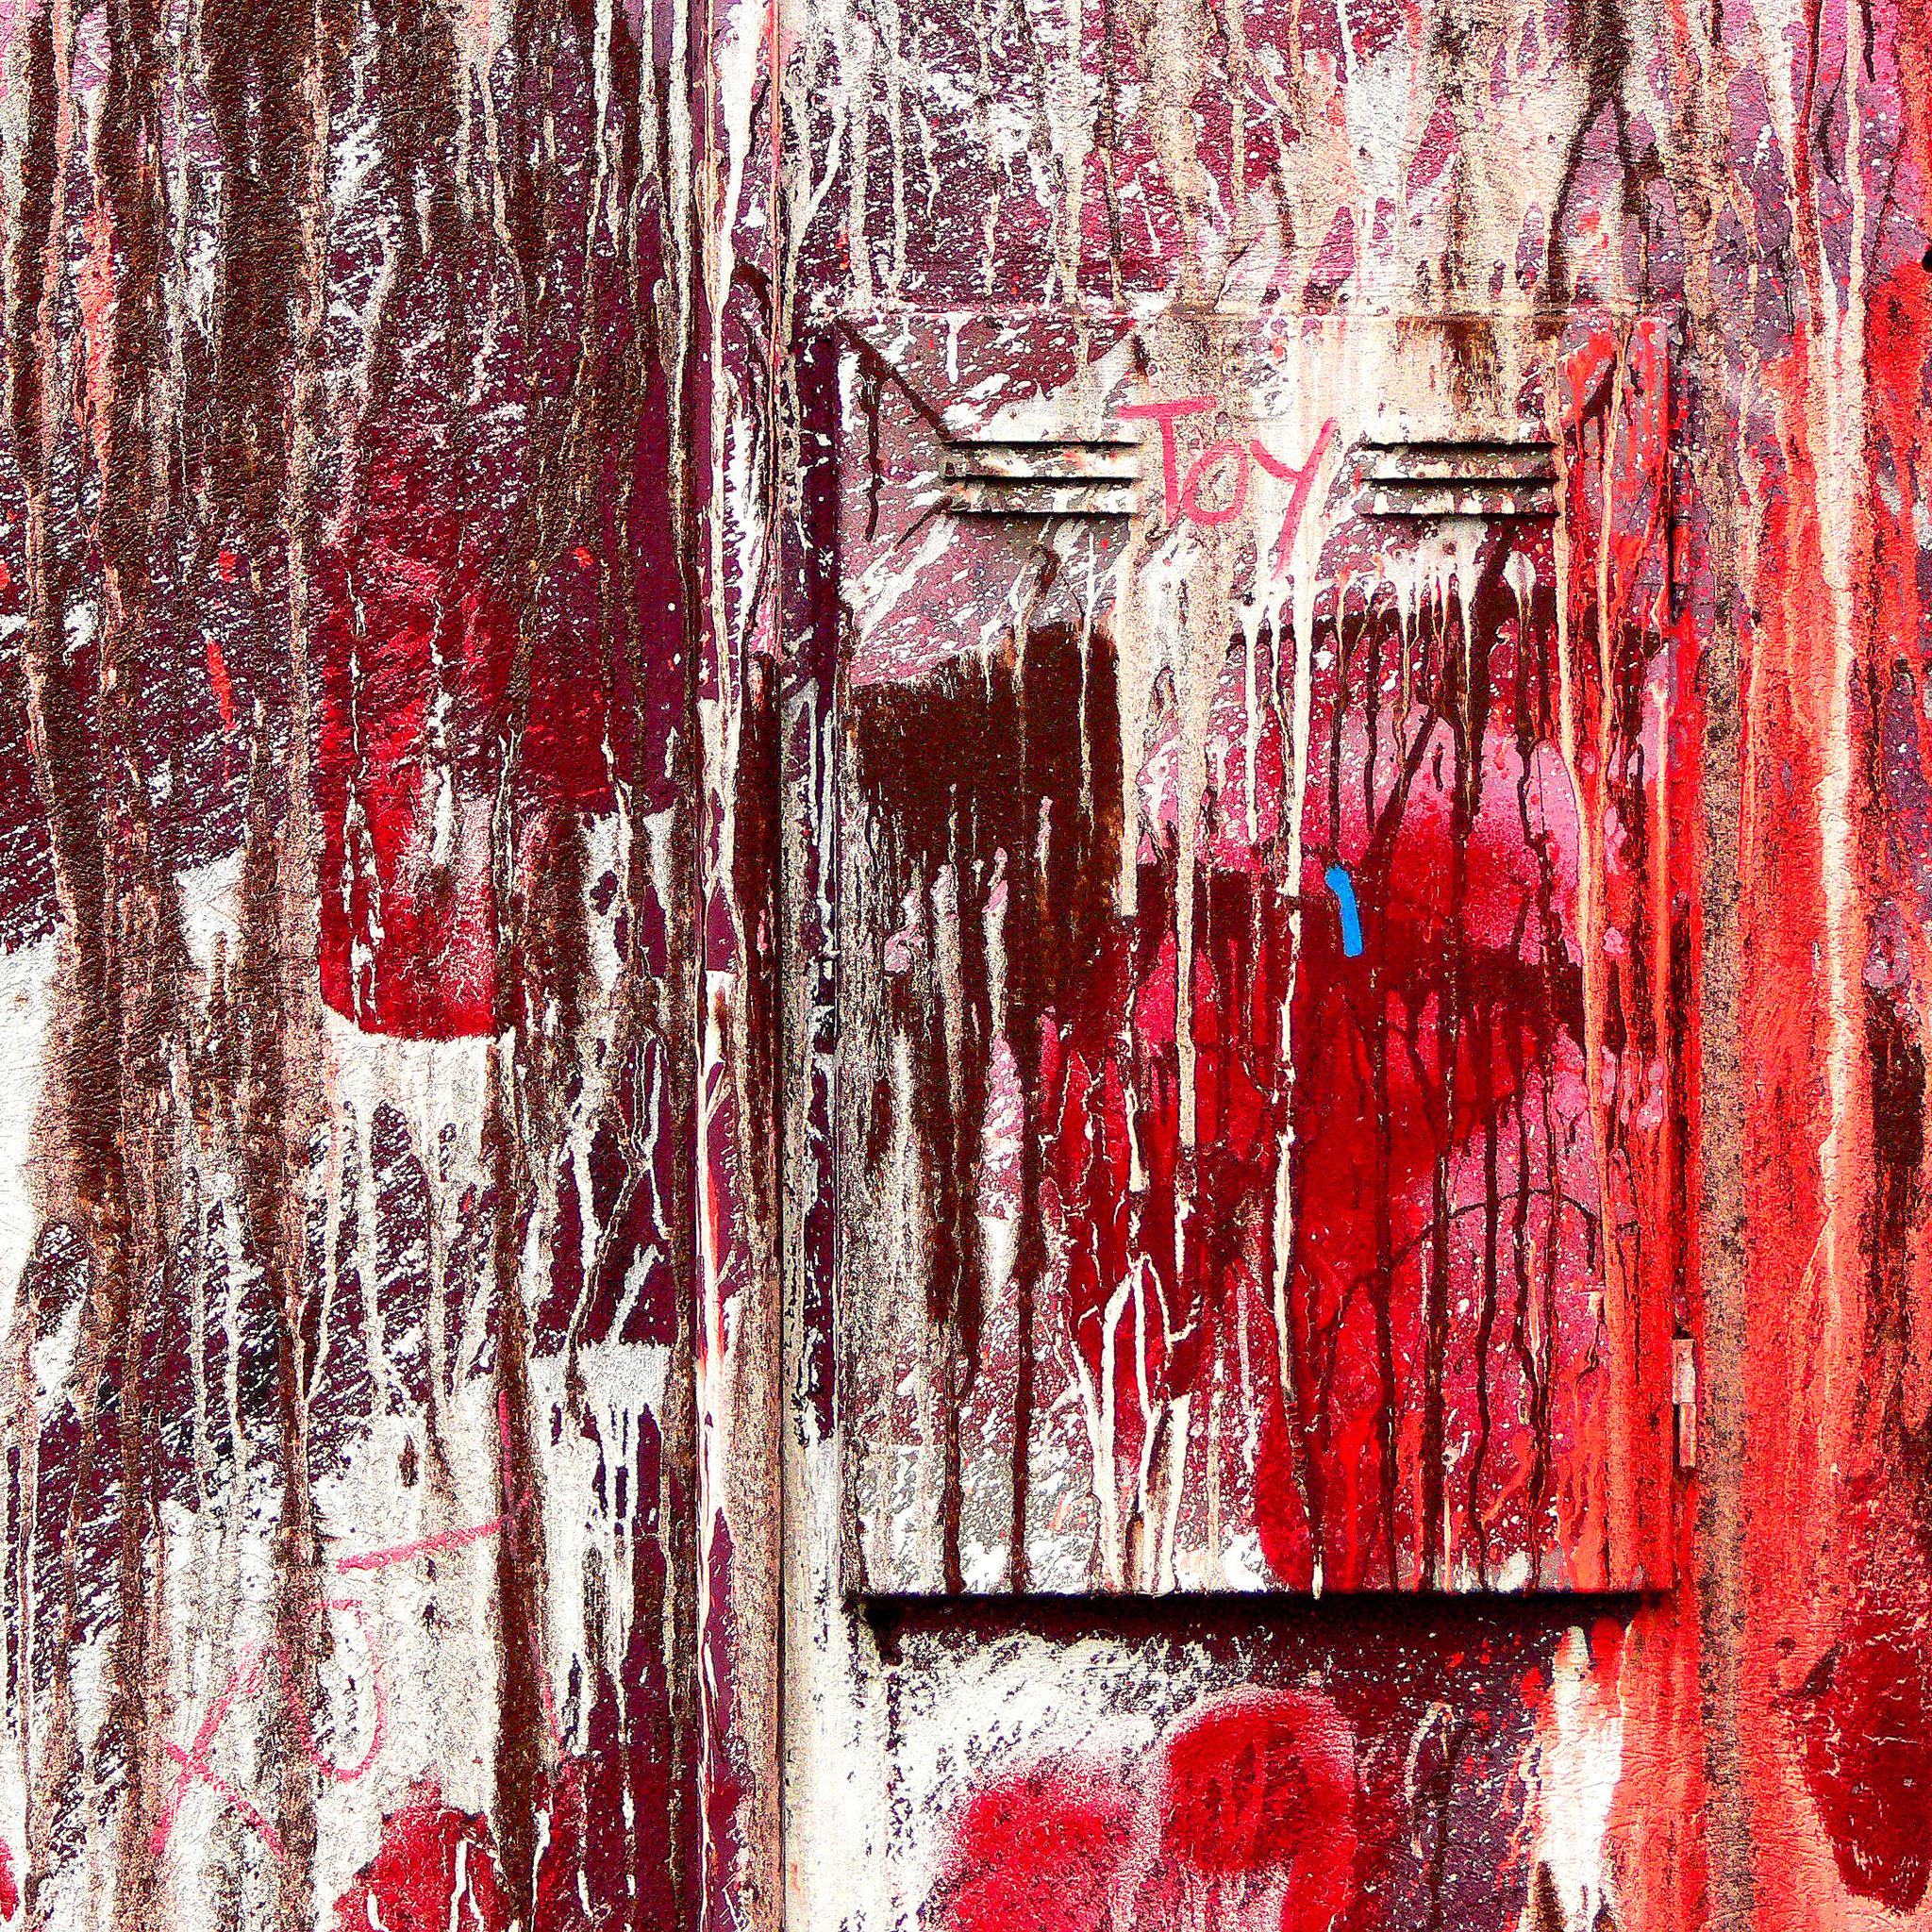 Painting Splash 3Wallpapers iPad Painting Splash   iPad